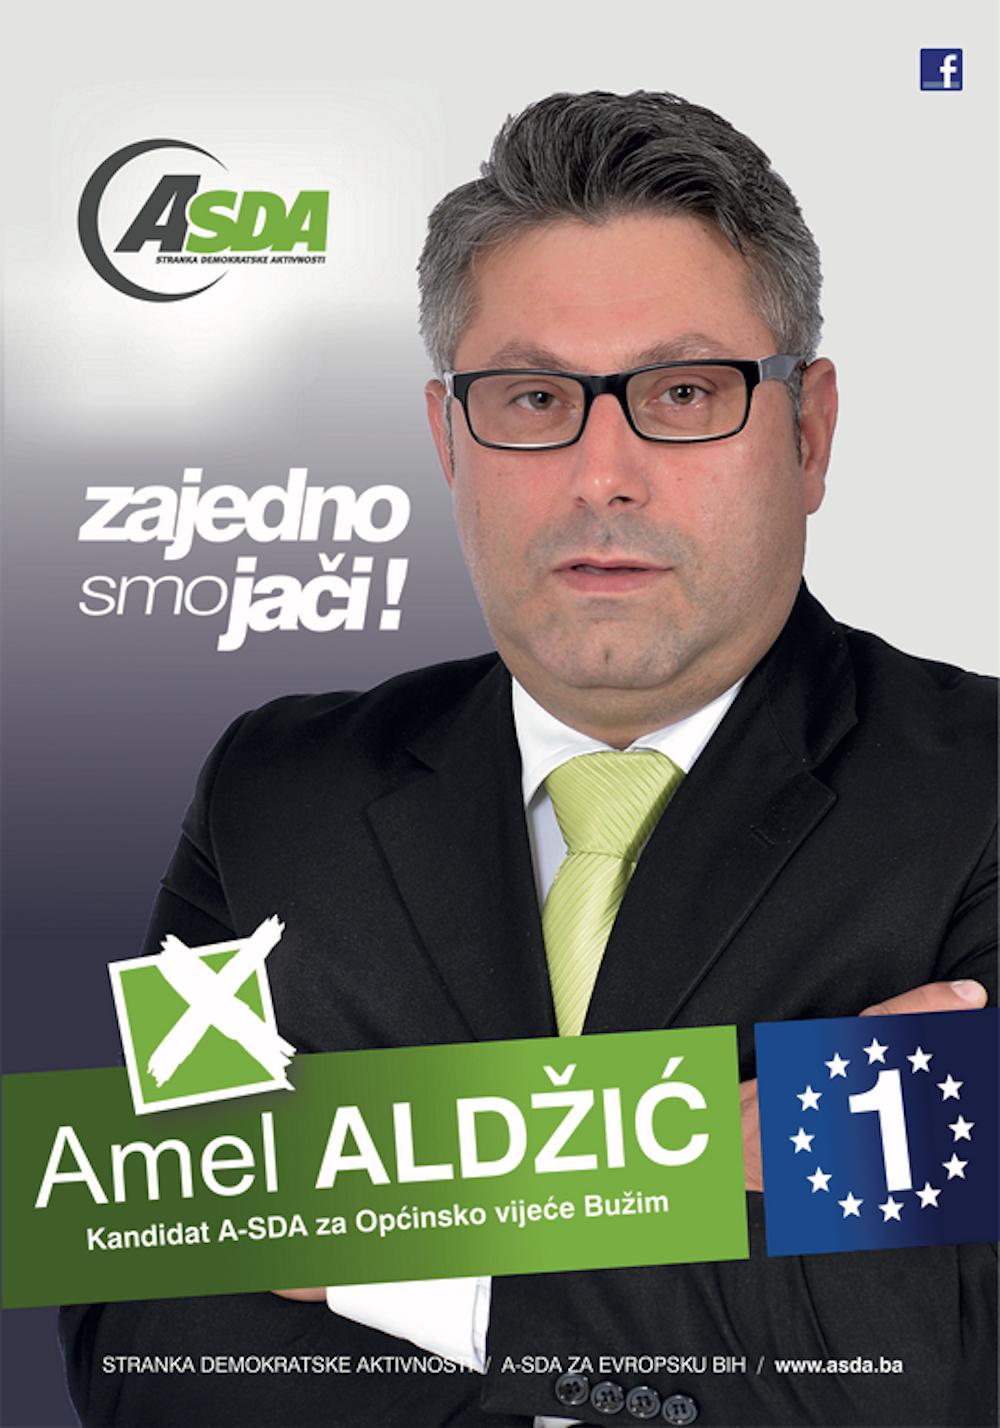 Amel Aldžić